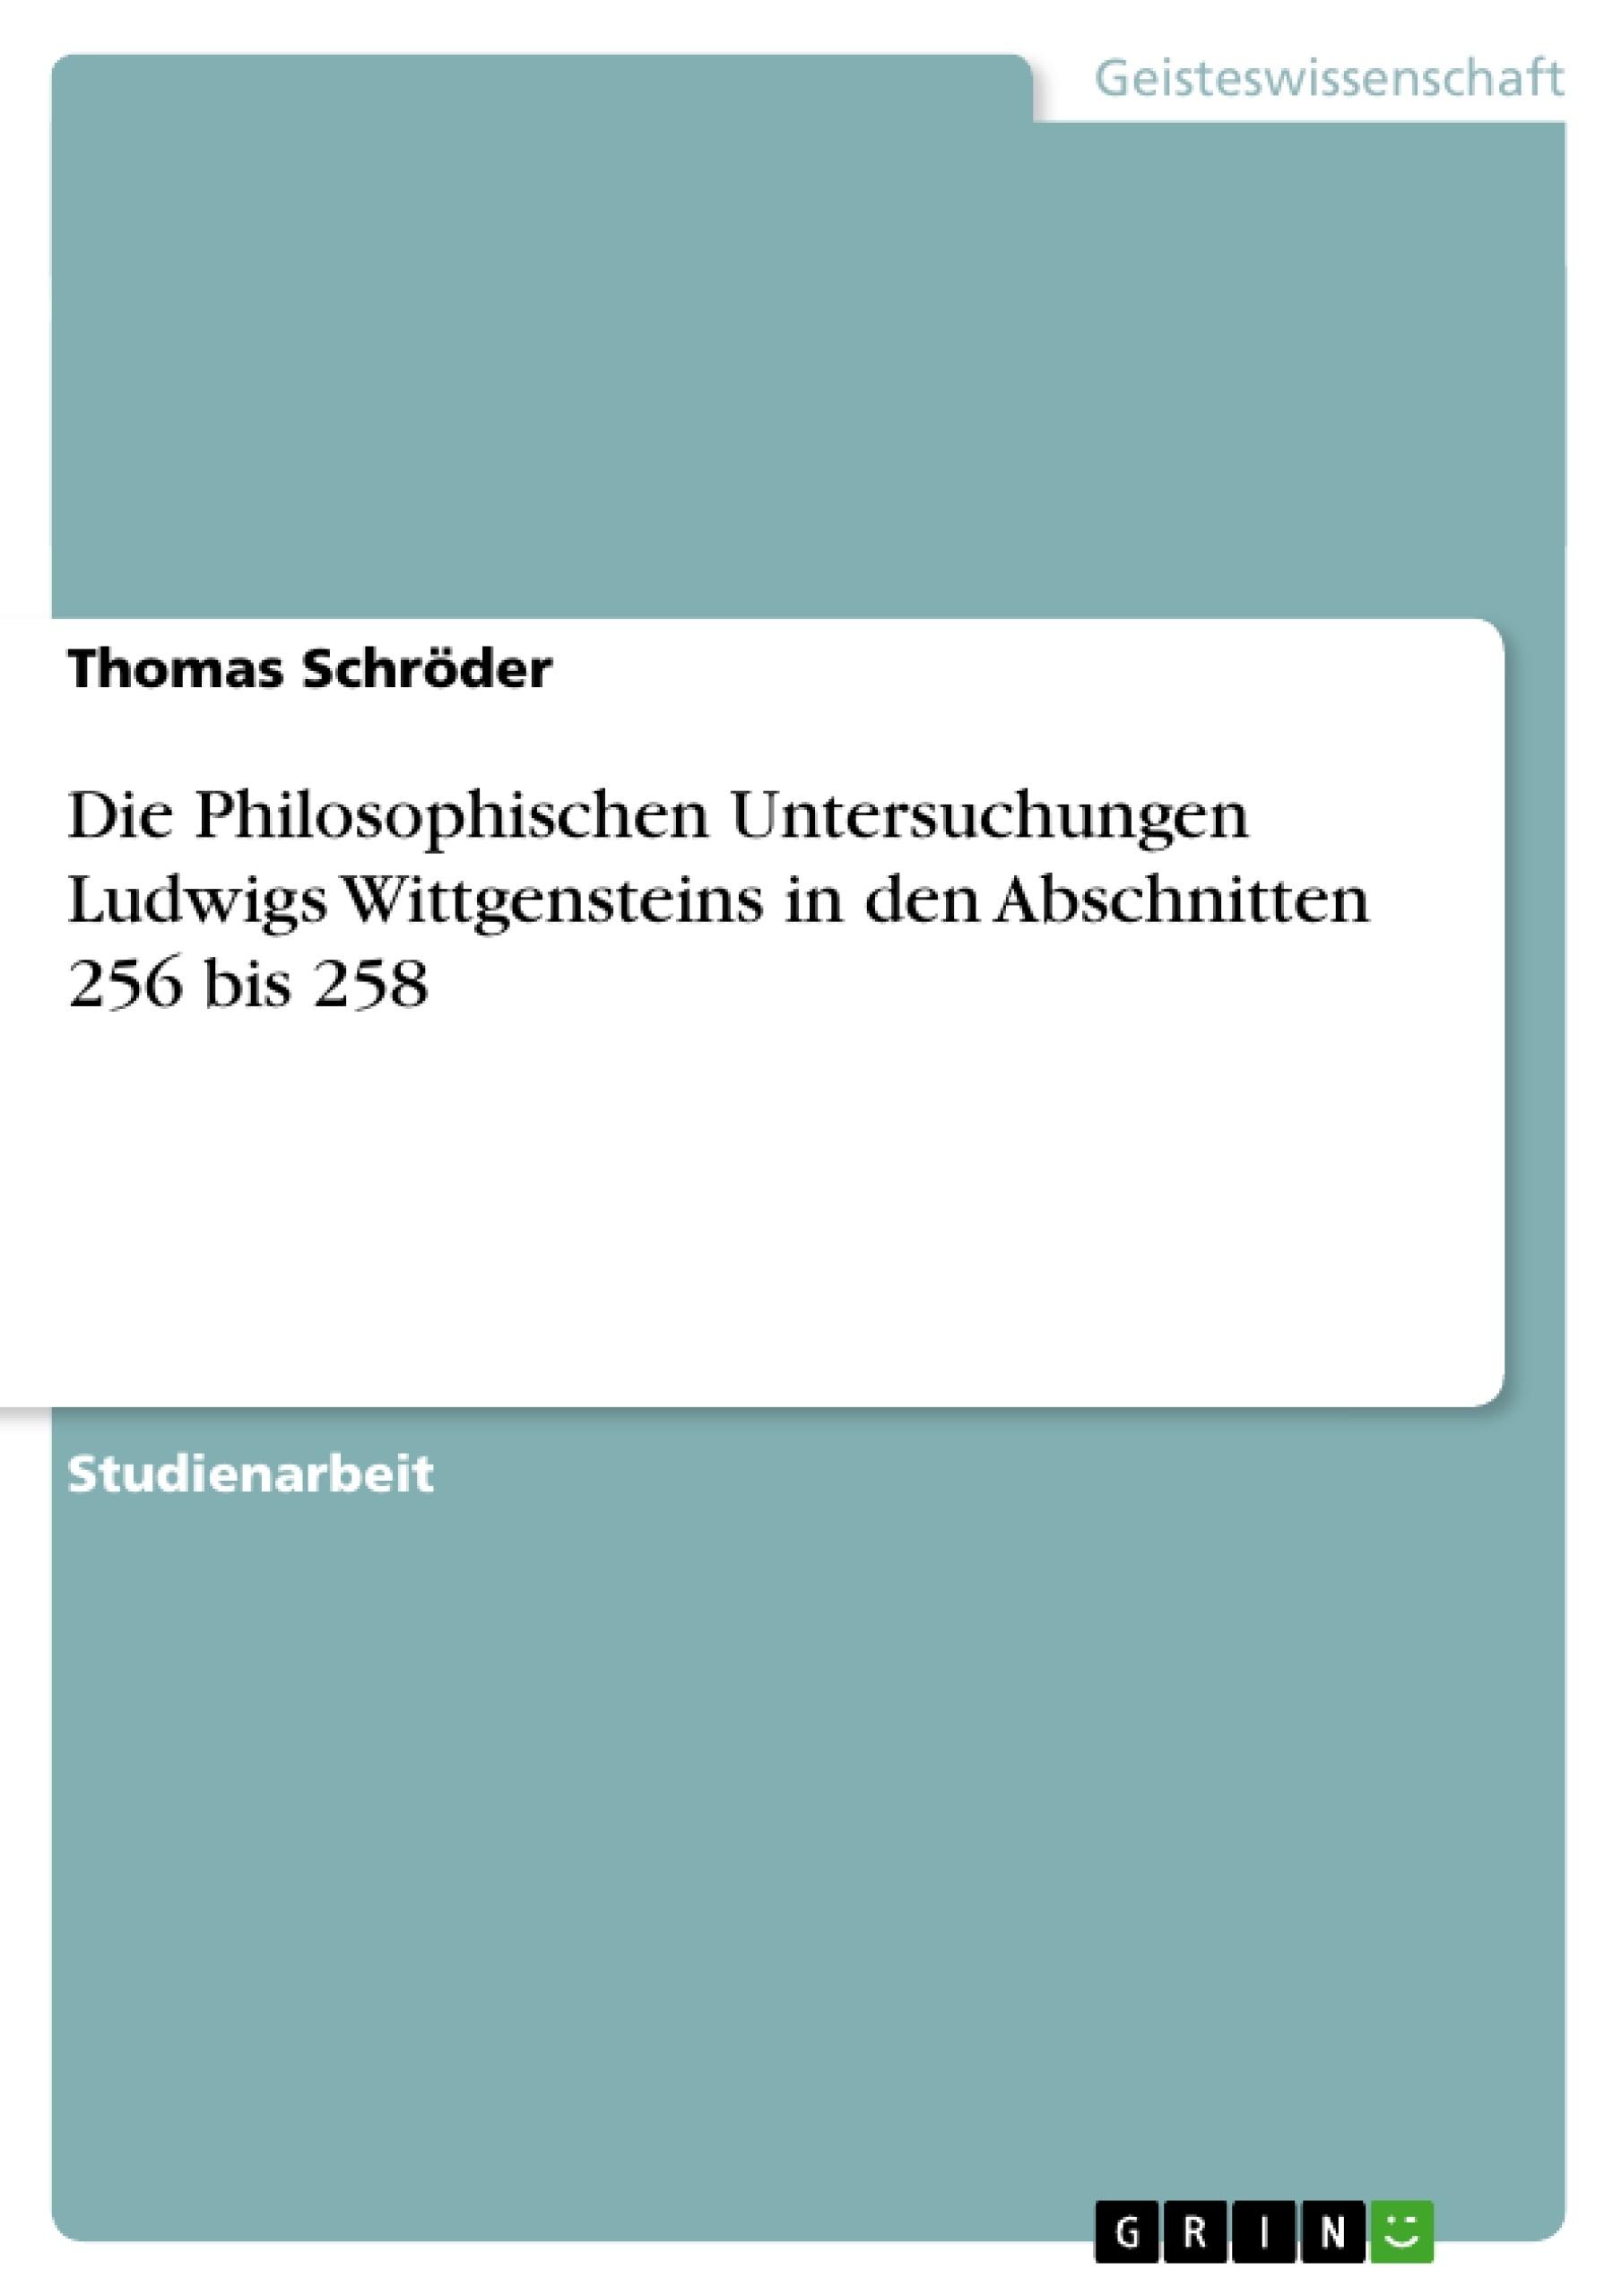 Titel: Die Philosophischen Untersuchungen Ludwigs Wittgensteins in den Abschnitten 256 bis 258